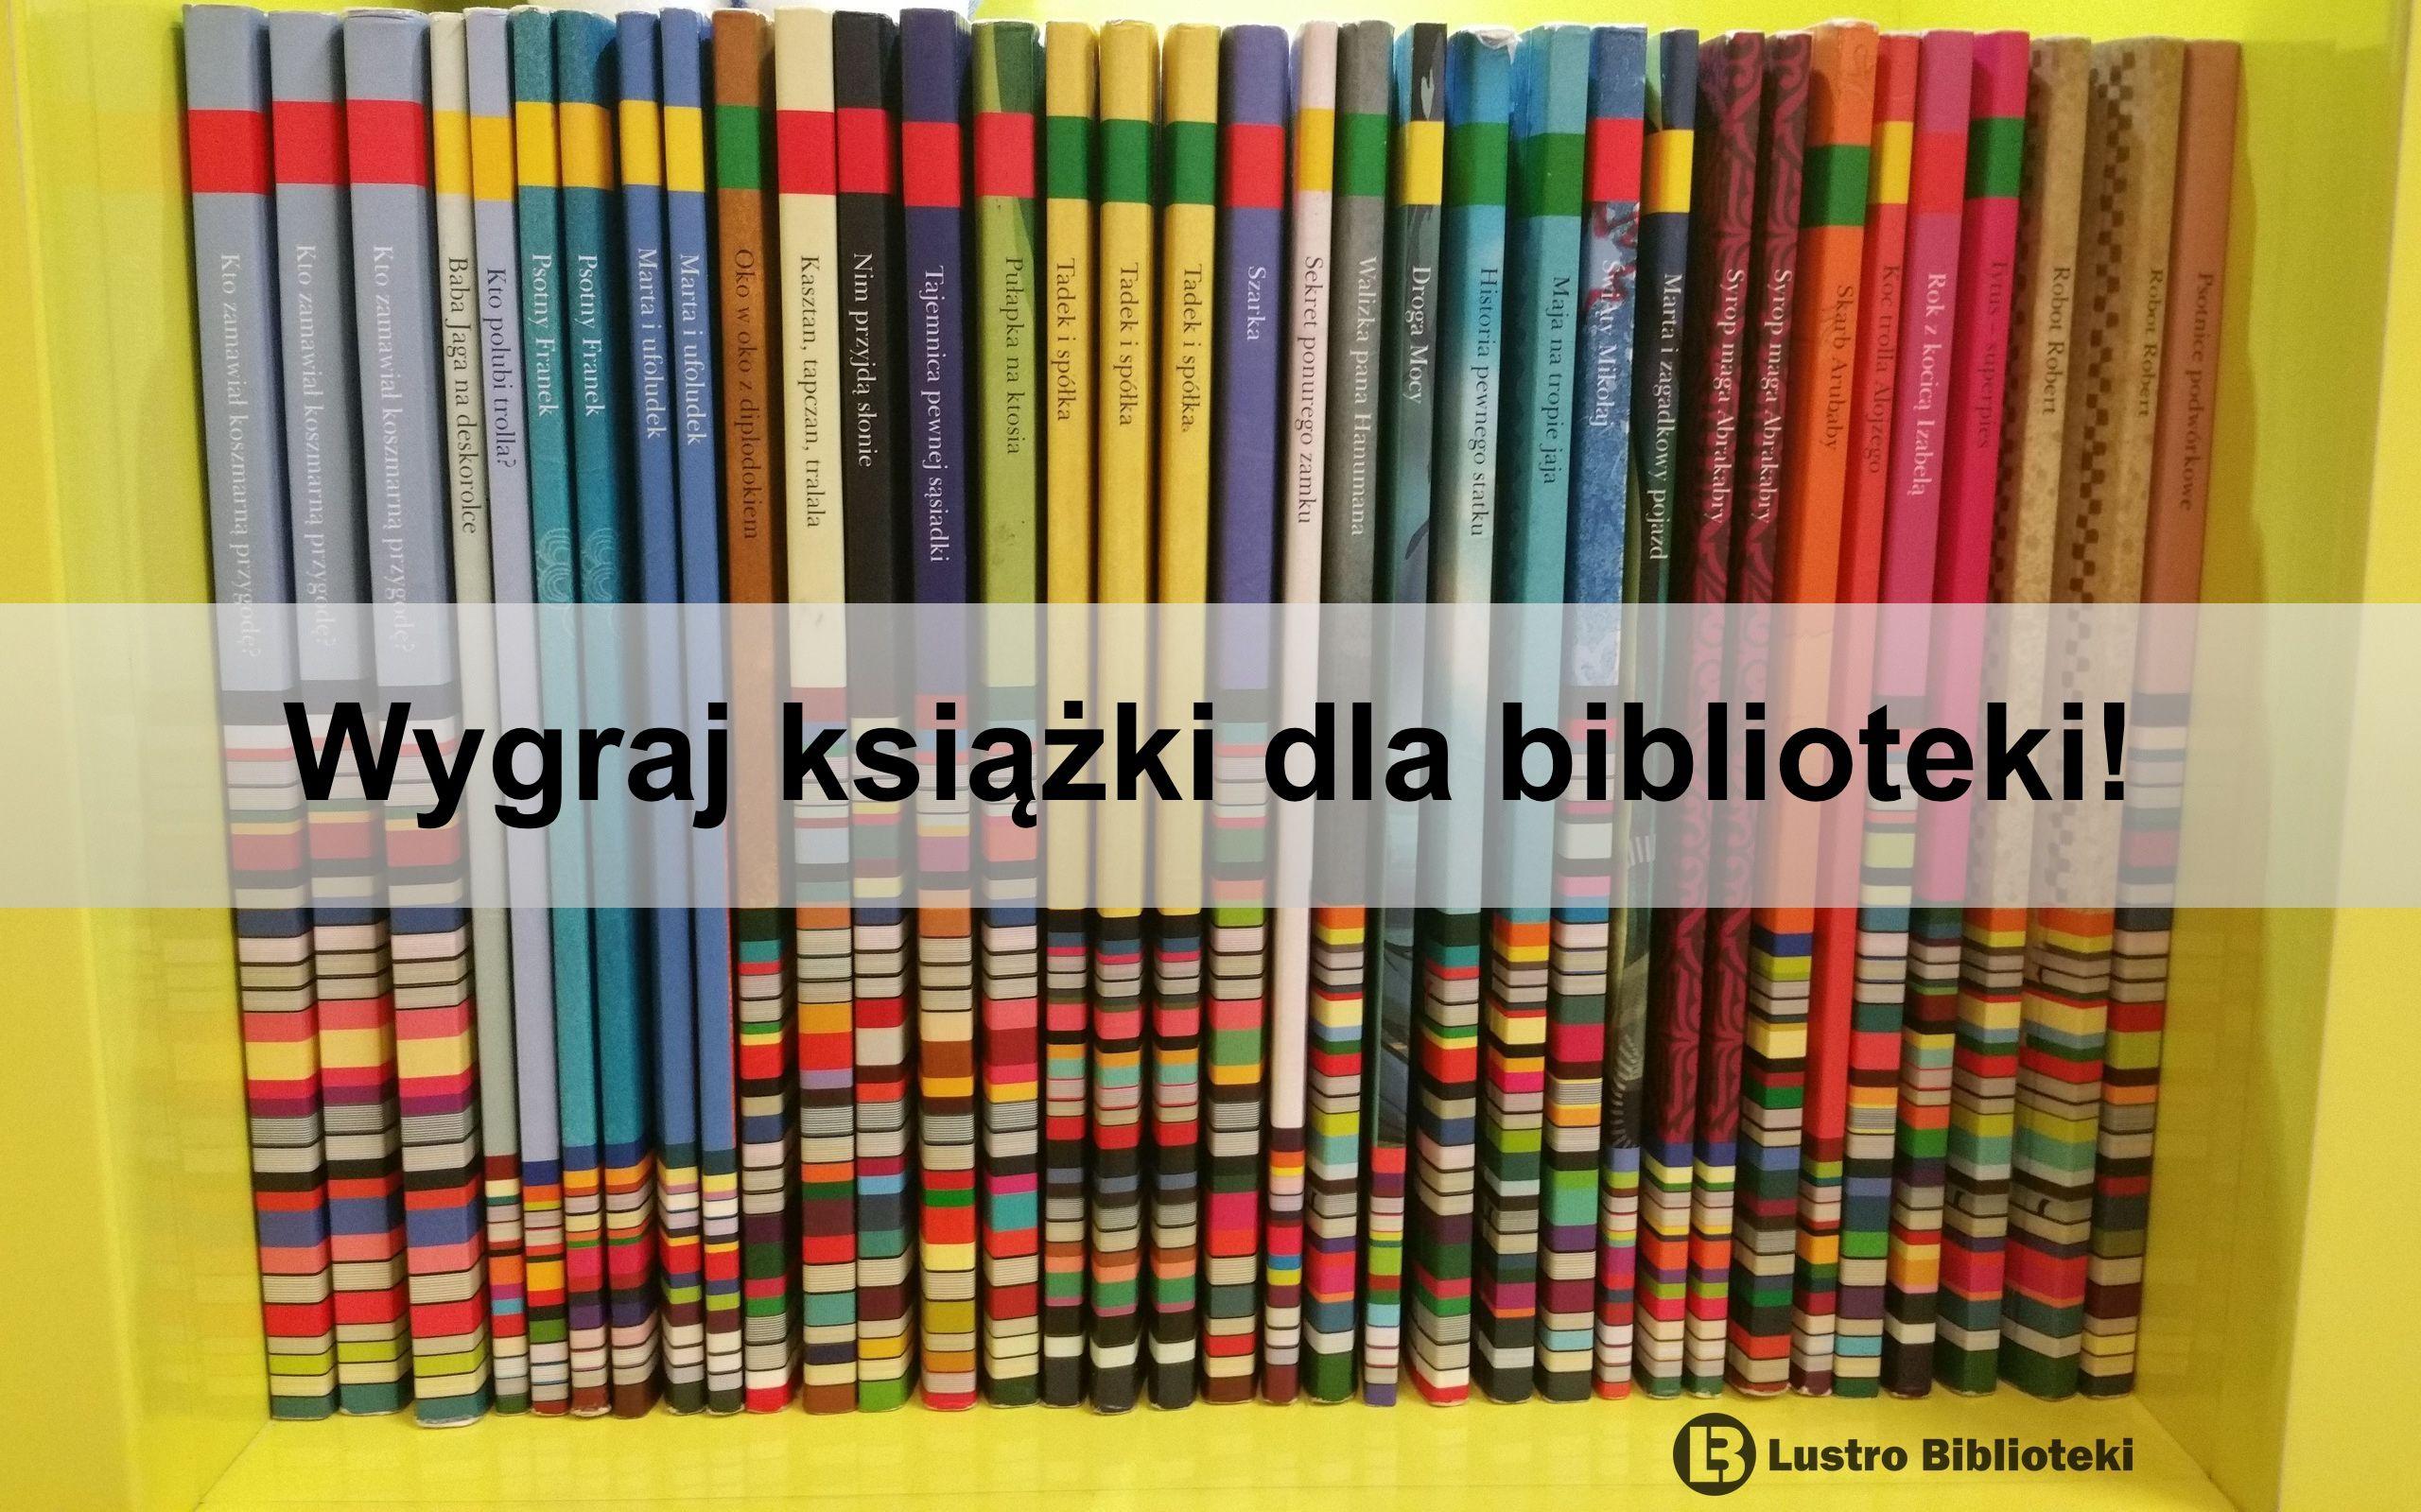 czytam sobie